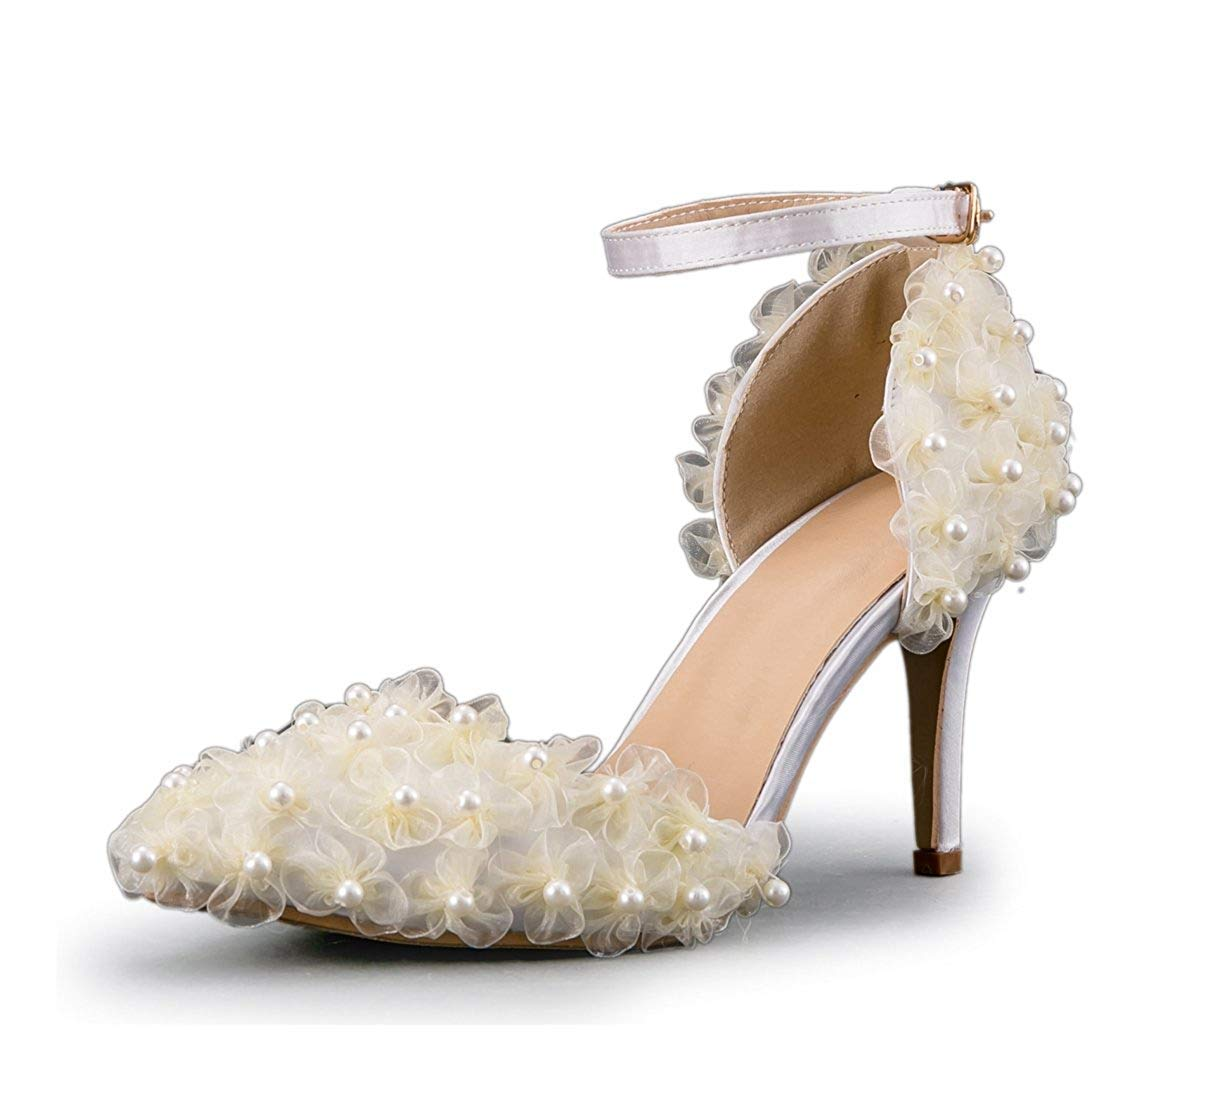 ZHRUI Frauen Frauen Frauen Gaze Blaumen Elegante Knöchelriemen Elfenbein Braut Hochzeit Schuhe UK 3,5 (Farbe   -, Größe   -) a3a21a